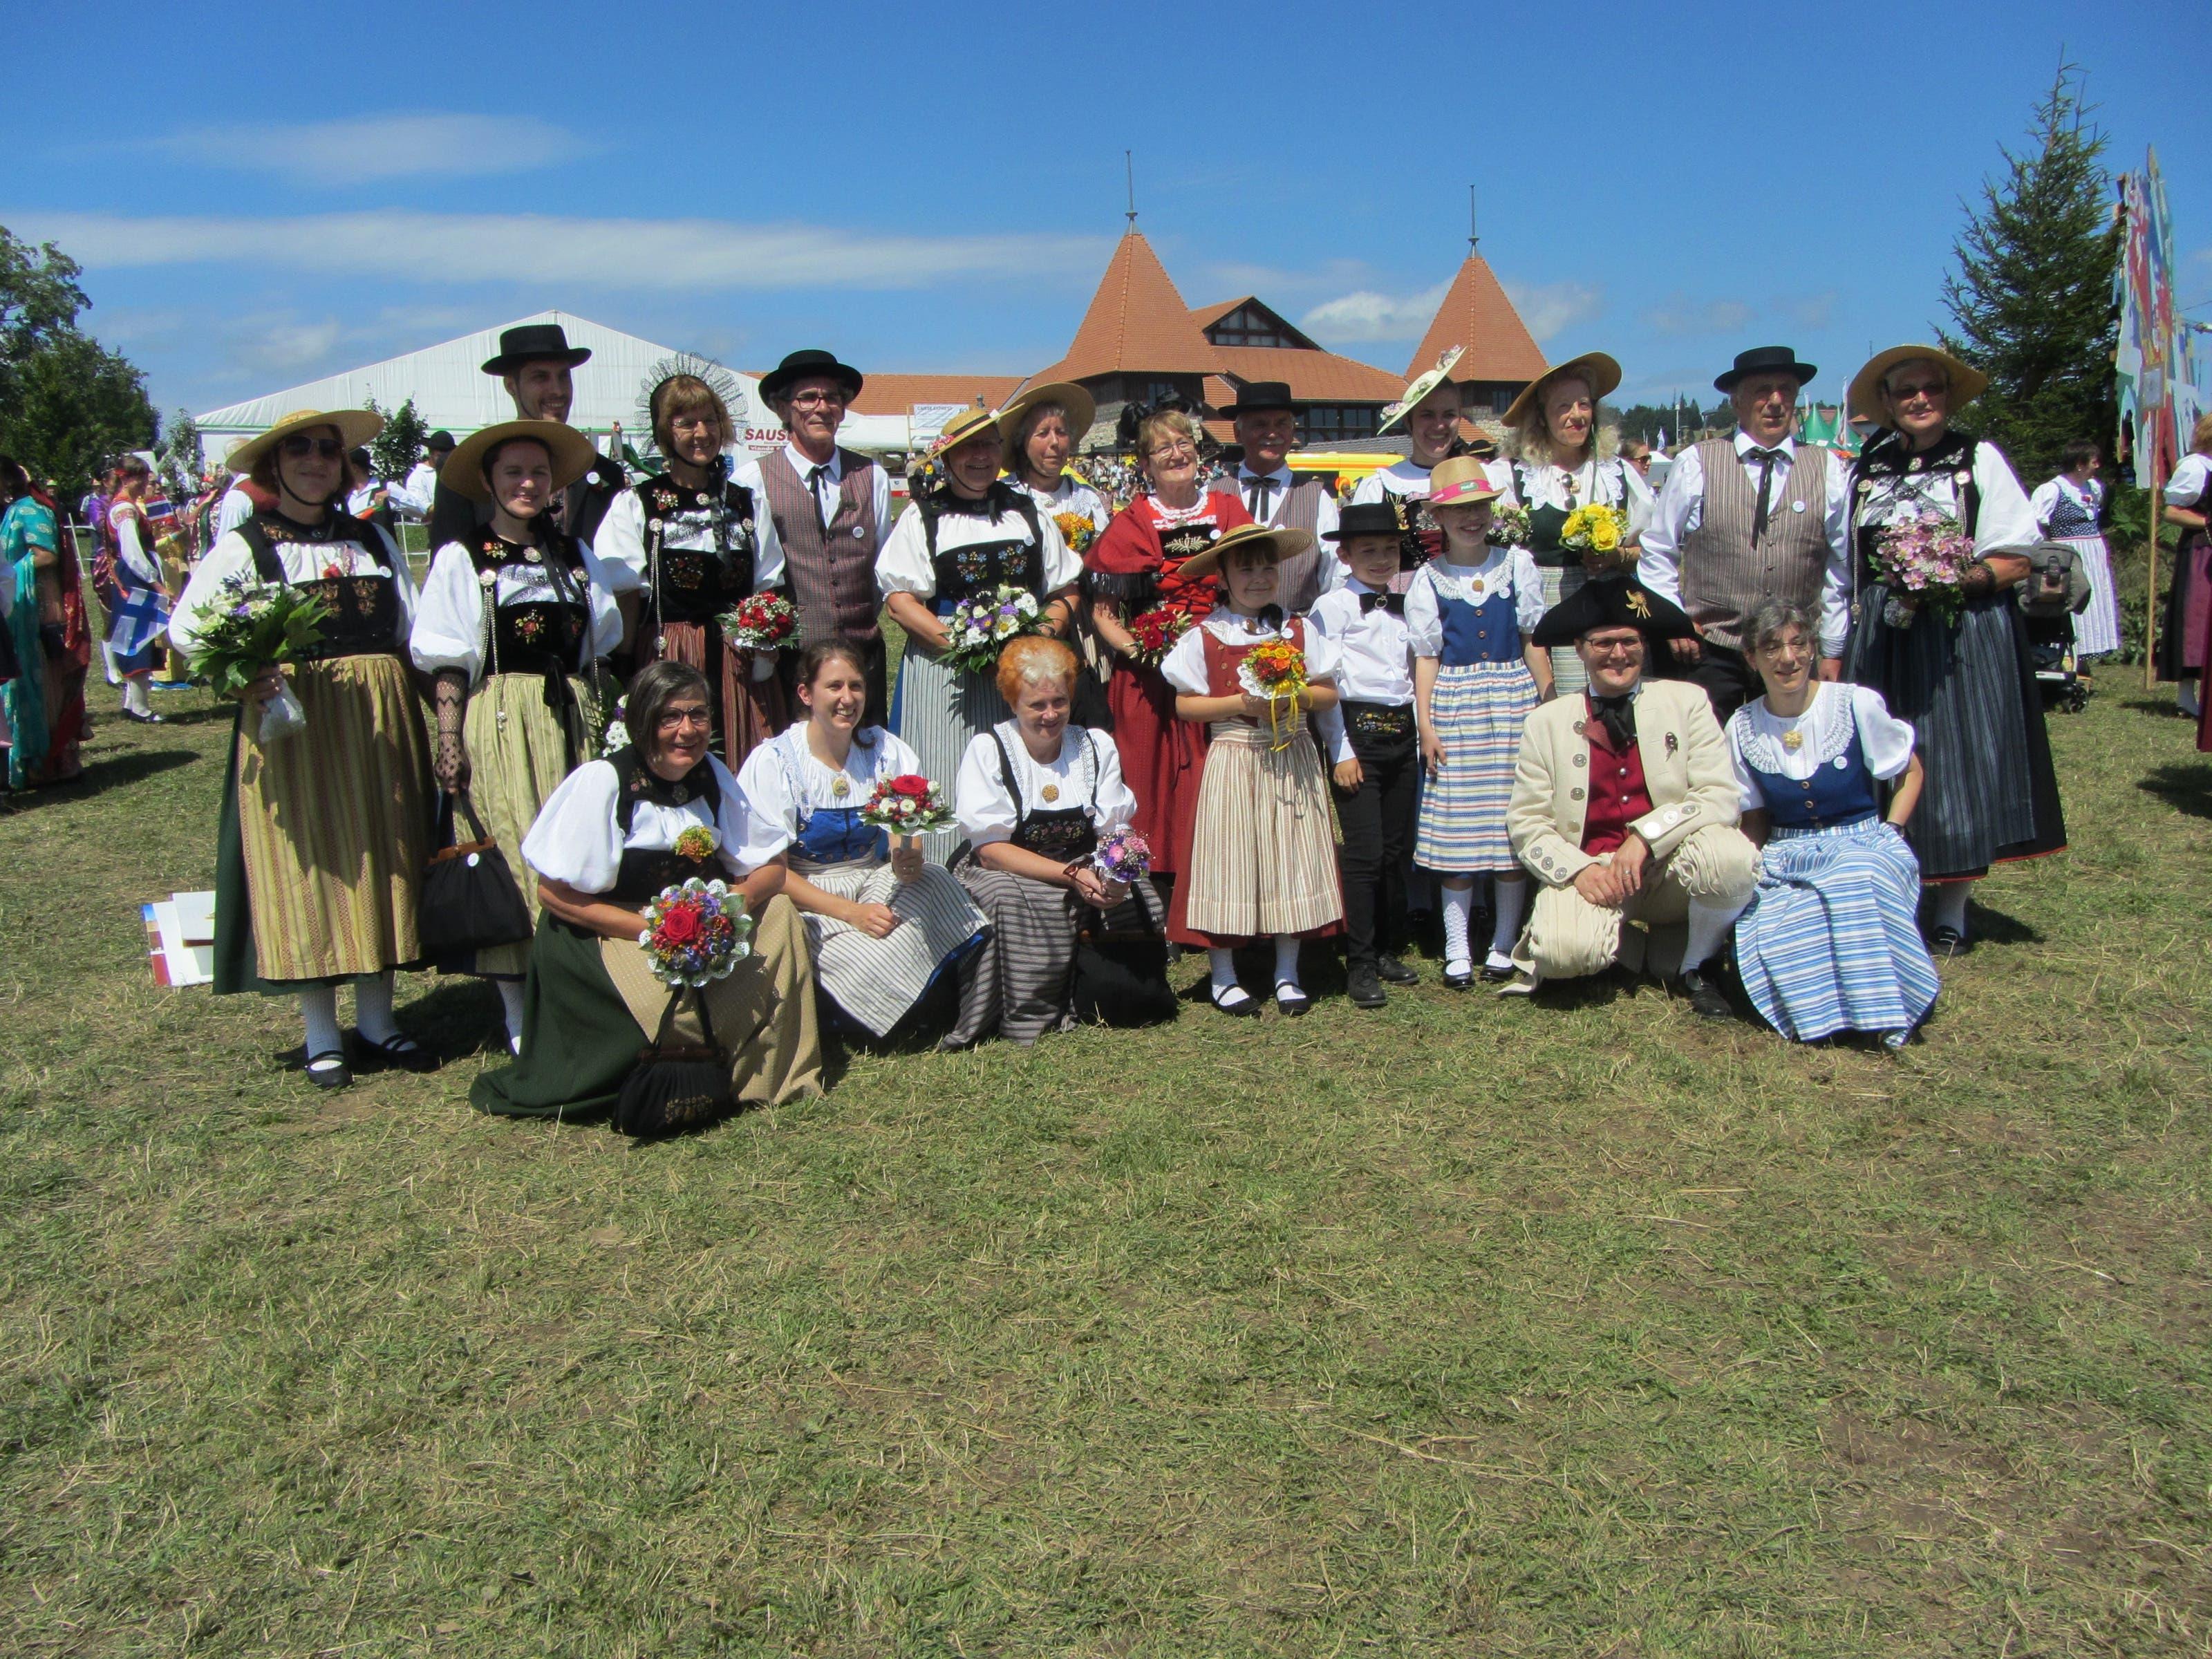 undefined Aargauer Trachtenleute aus allen vier Regionen vertraten den Aargauischen Trachtenverband am Marché-Concours